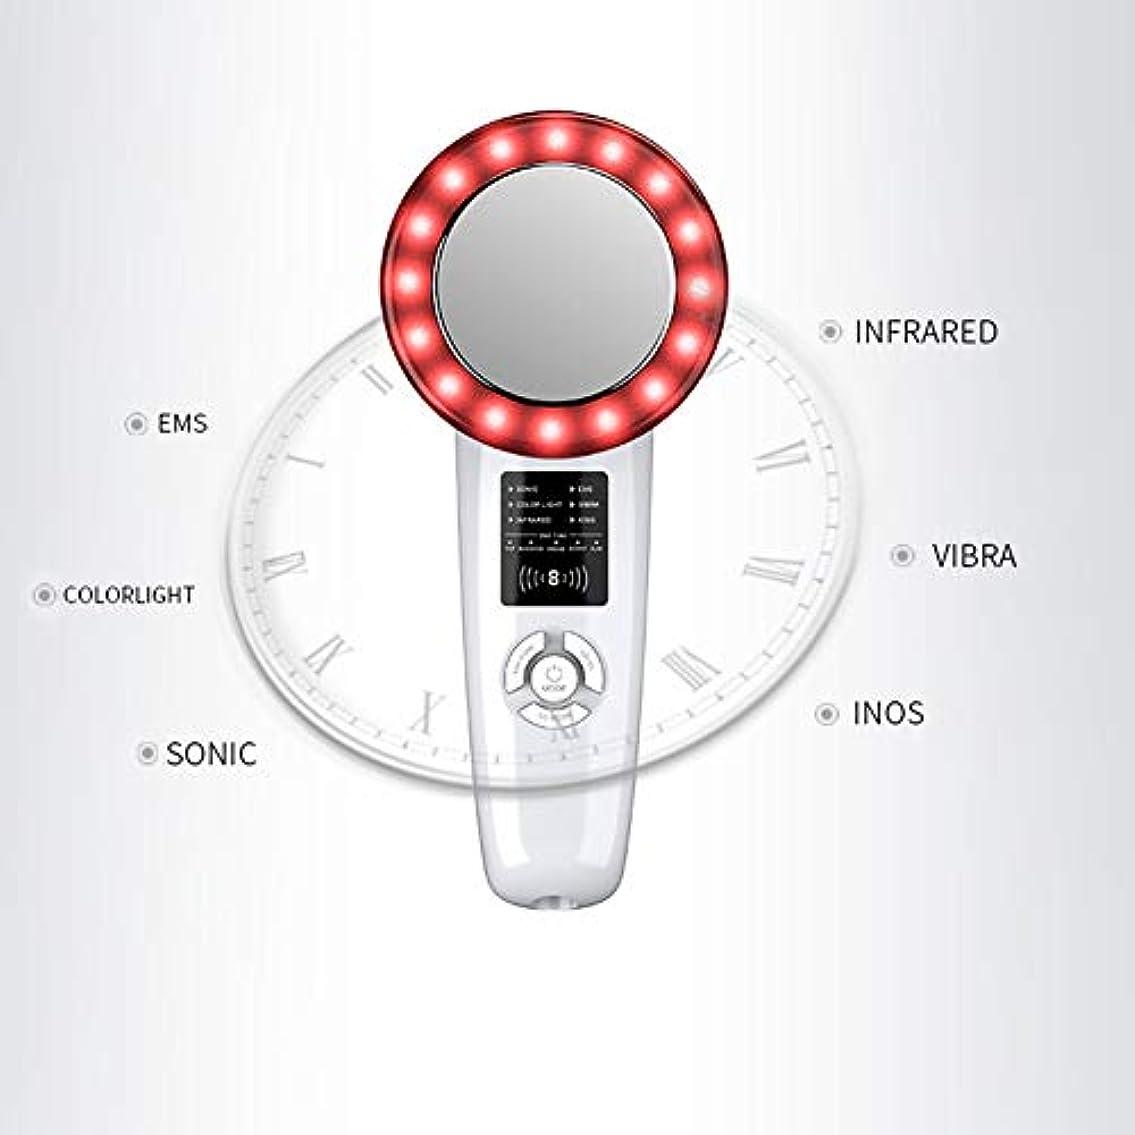 ドラム眠る使役家庭用6-in-1スリム機器EMSリフティングシェーピング機器振動マッサージ美容機器